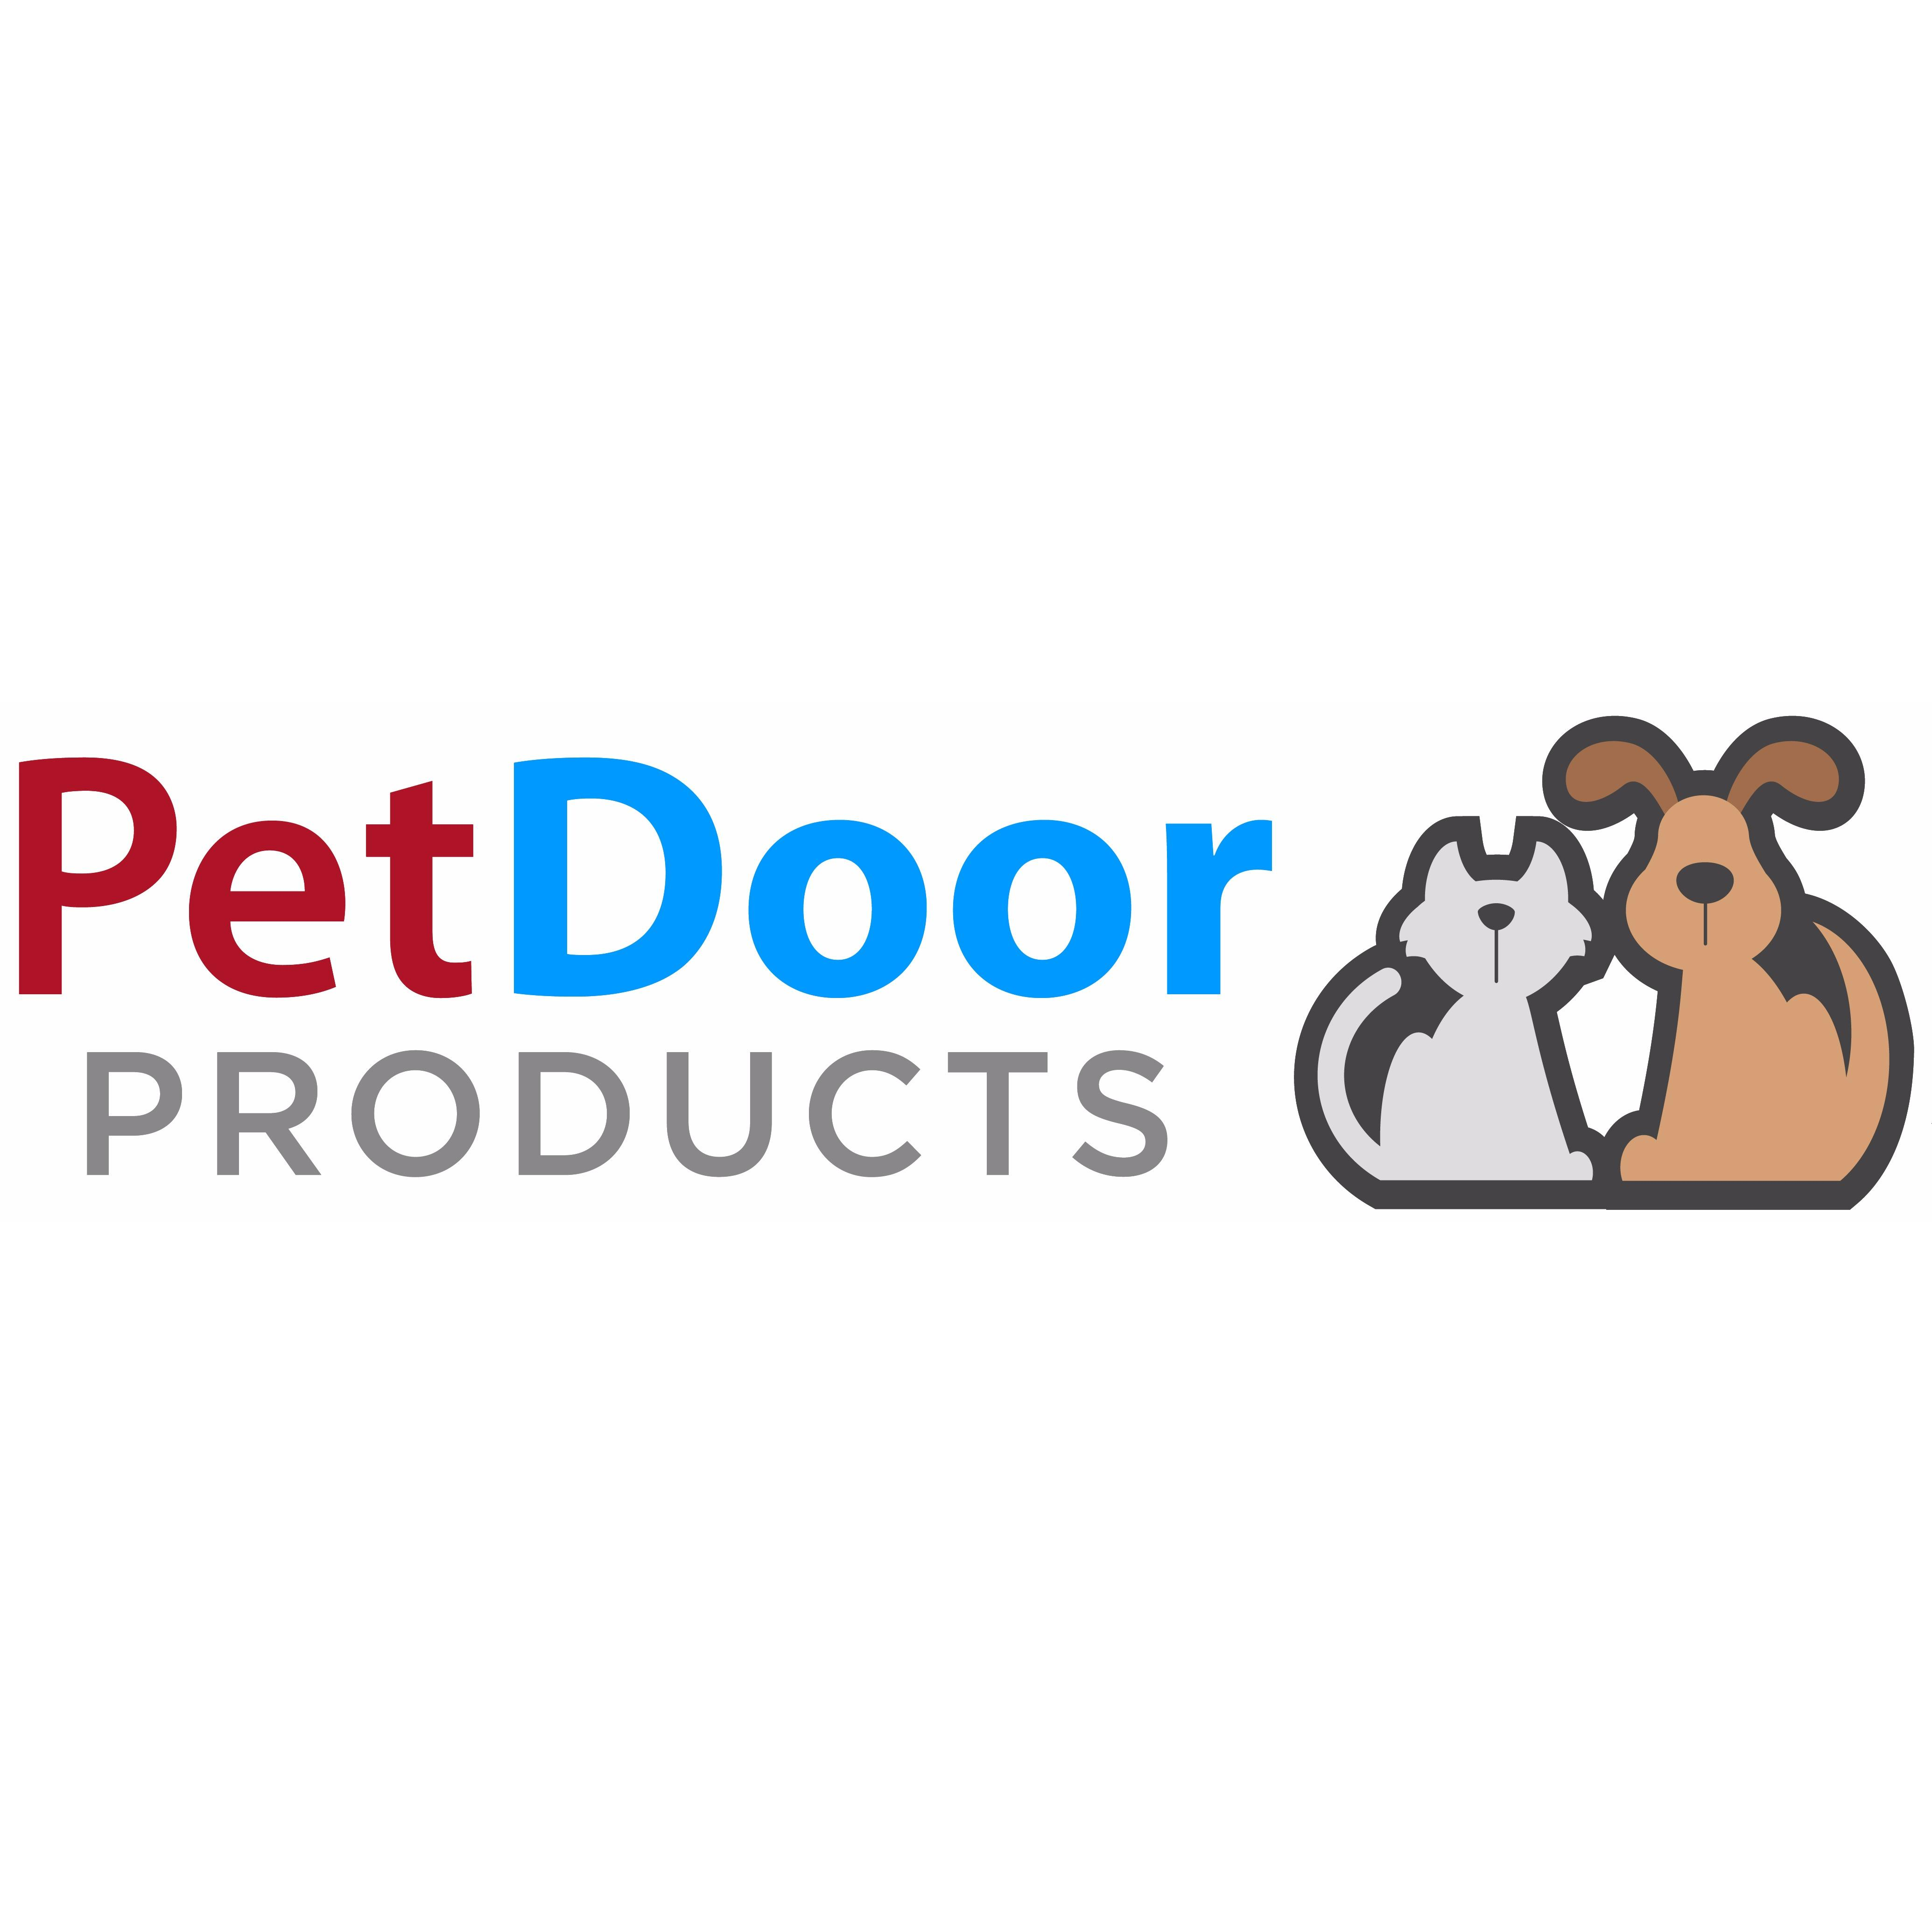 Pet Door Products